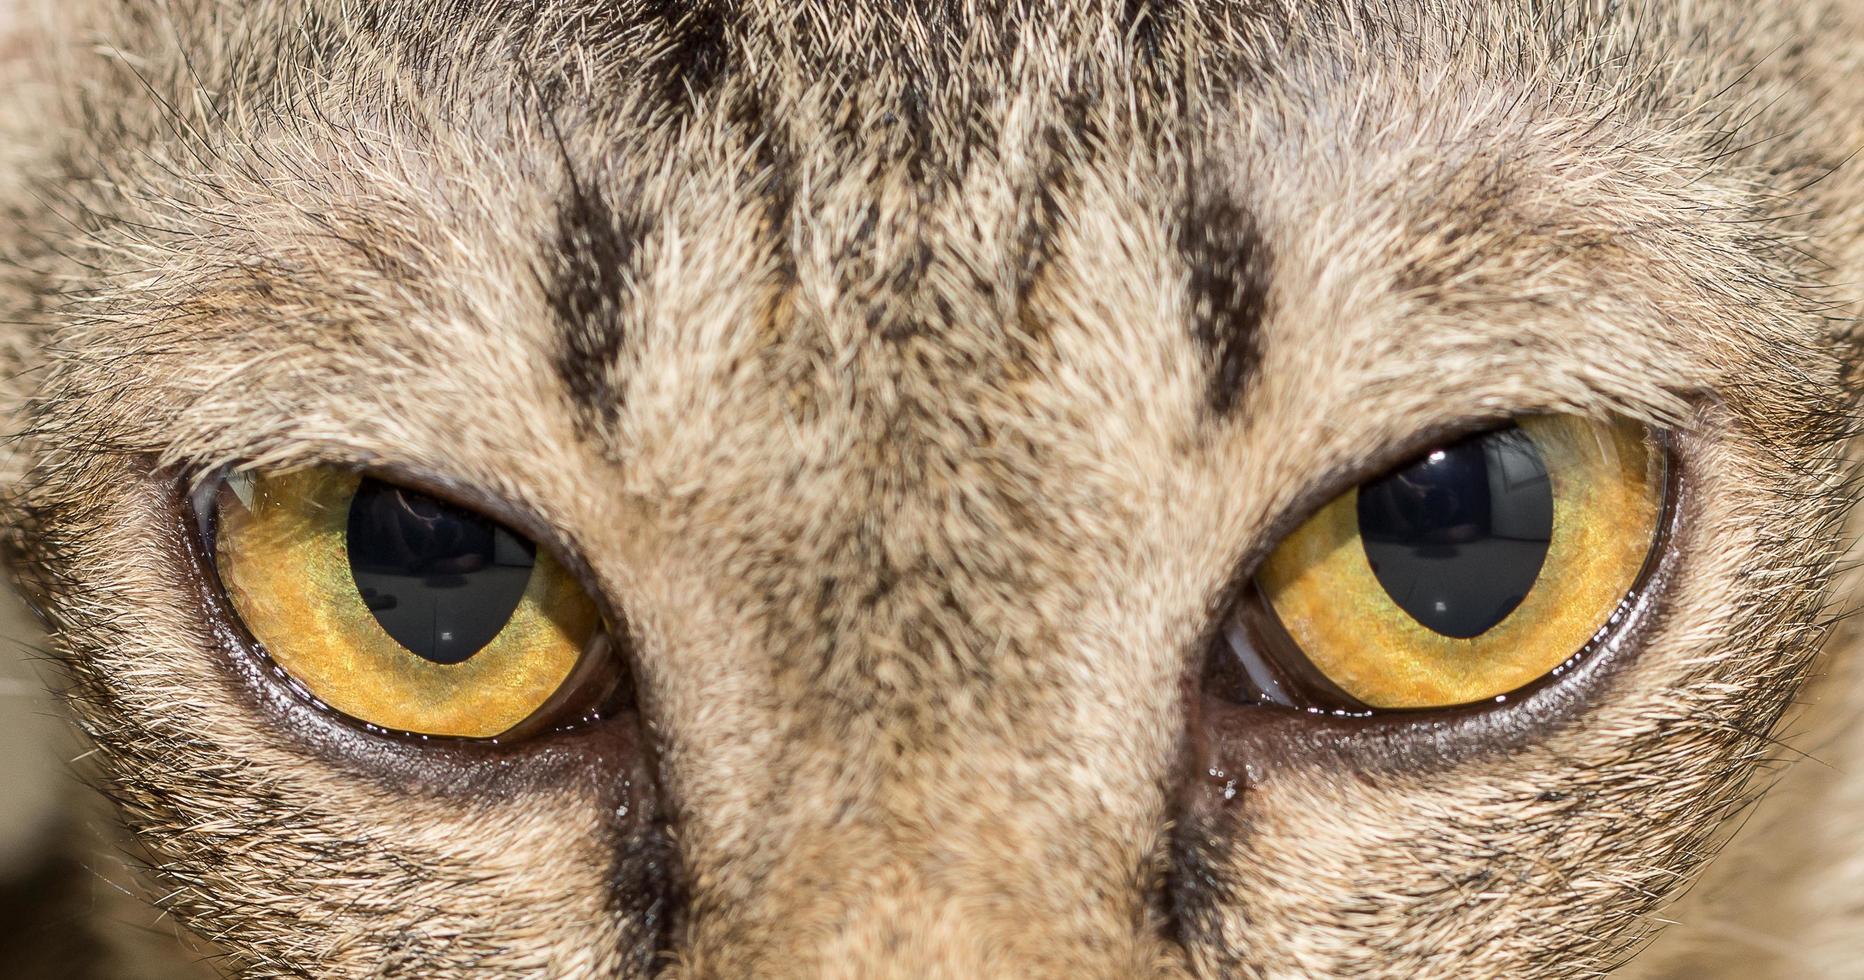 https://static.vecteezy.com/ti/photos-gratuite/p1/2094124-oeil-de-chat-animal-gratuit-photo.jpg